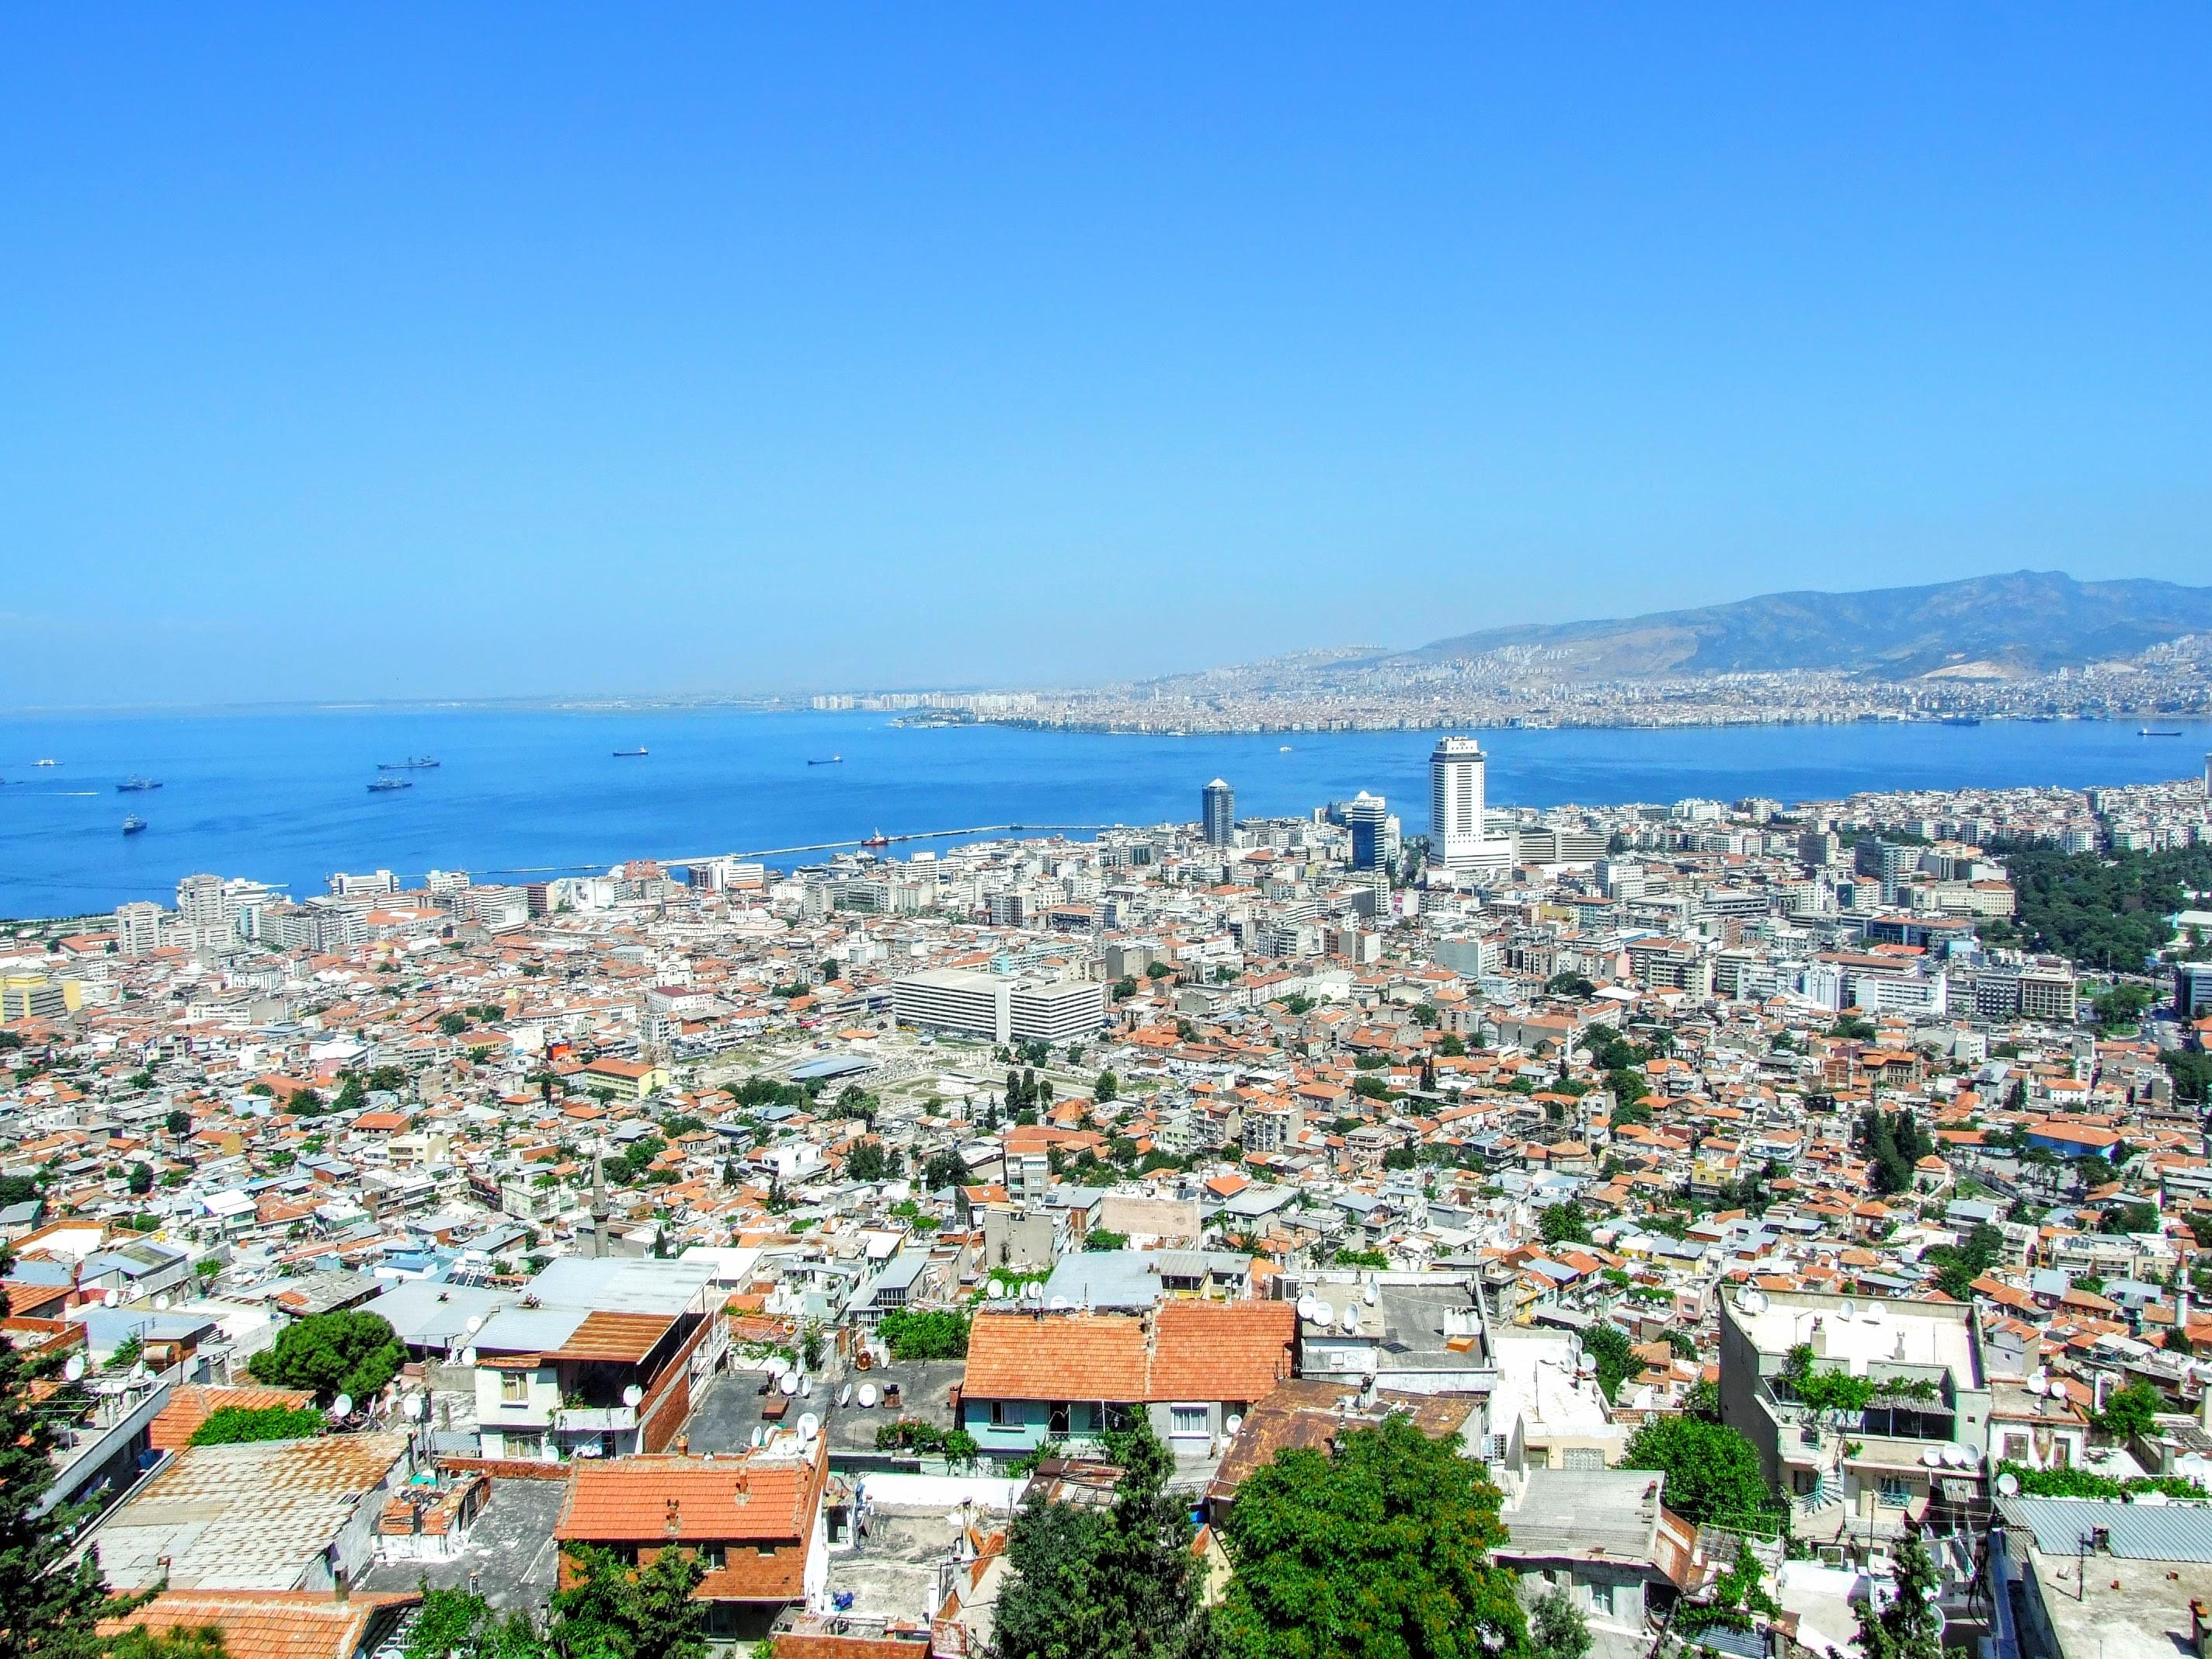 Izmir – Al treilea mare oras al Turciei